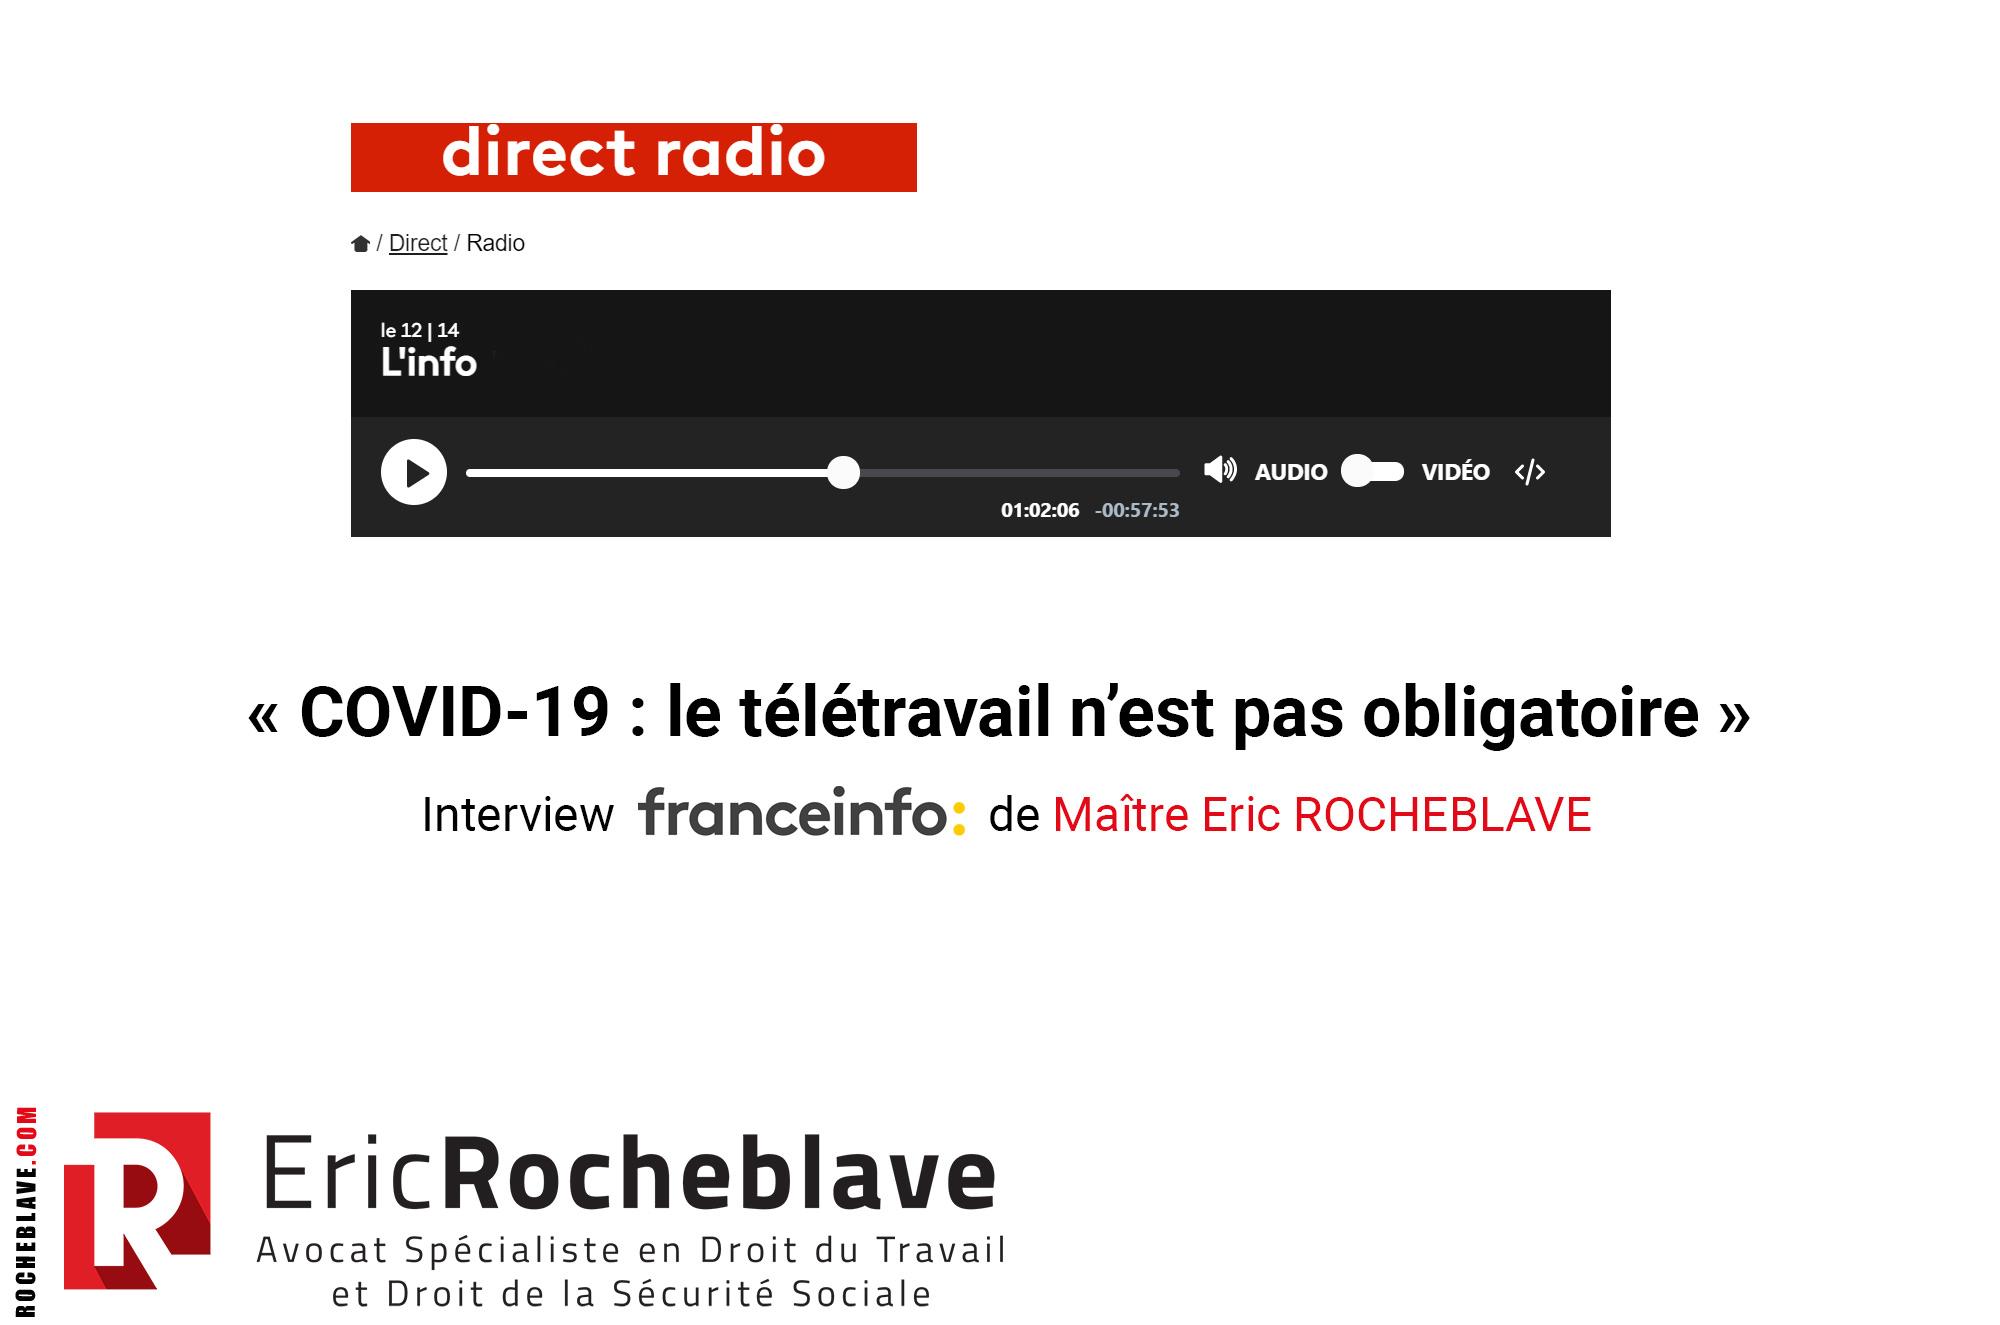 « COVID-19 : le télétravail n'est pas obligatoire » Interview franceinfo: de Maître Eric ROCHEBLAVE